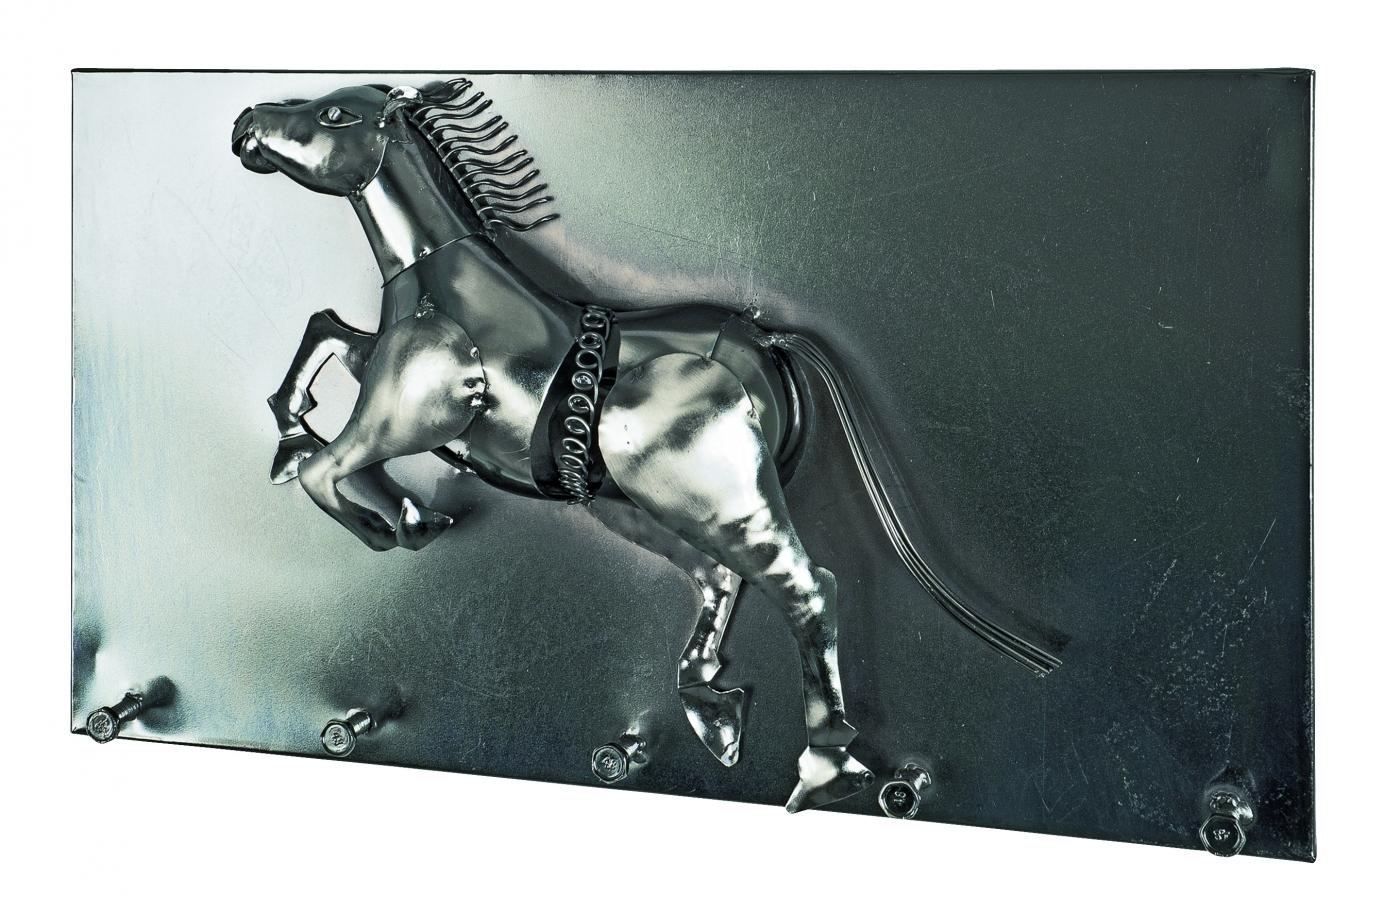 Nástěnný věšák Mustango, 35 cm, tmavý chrom